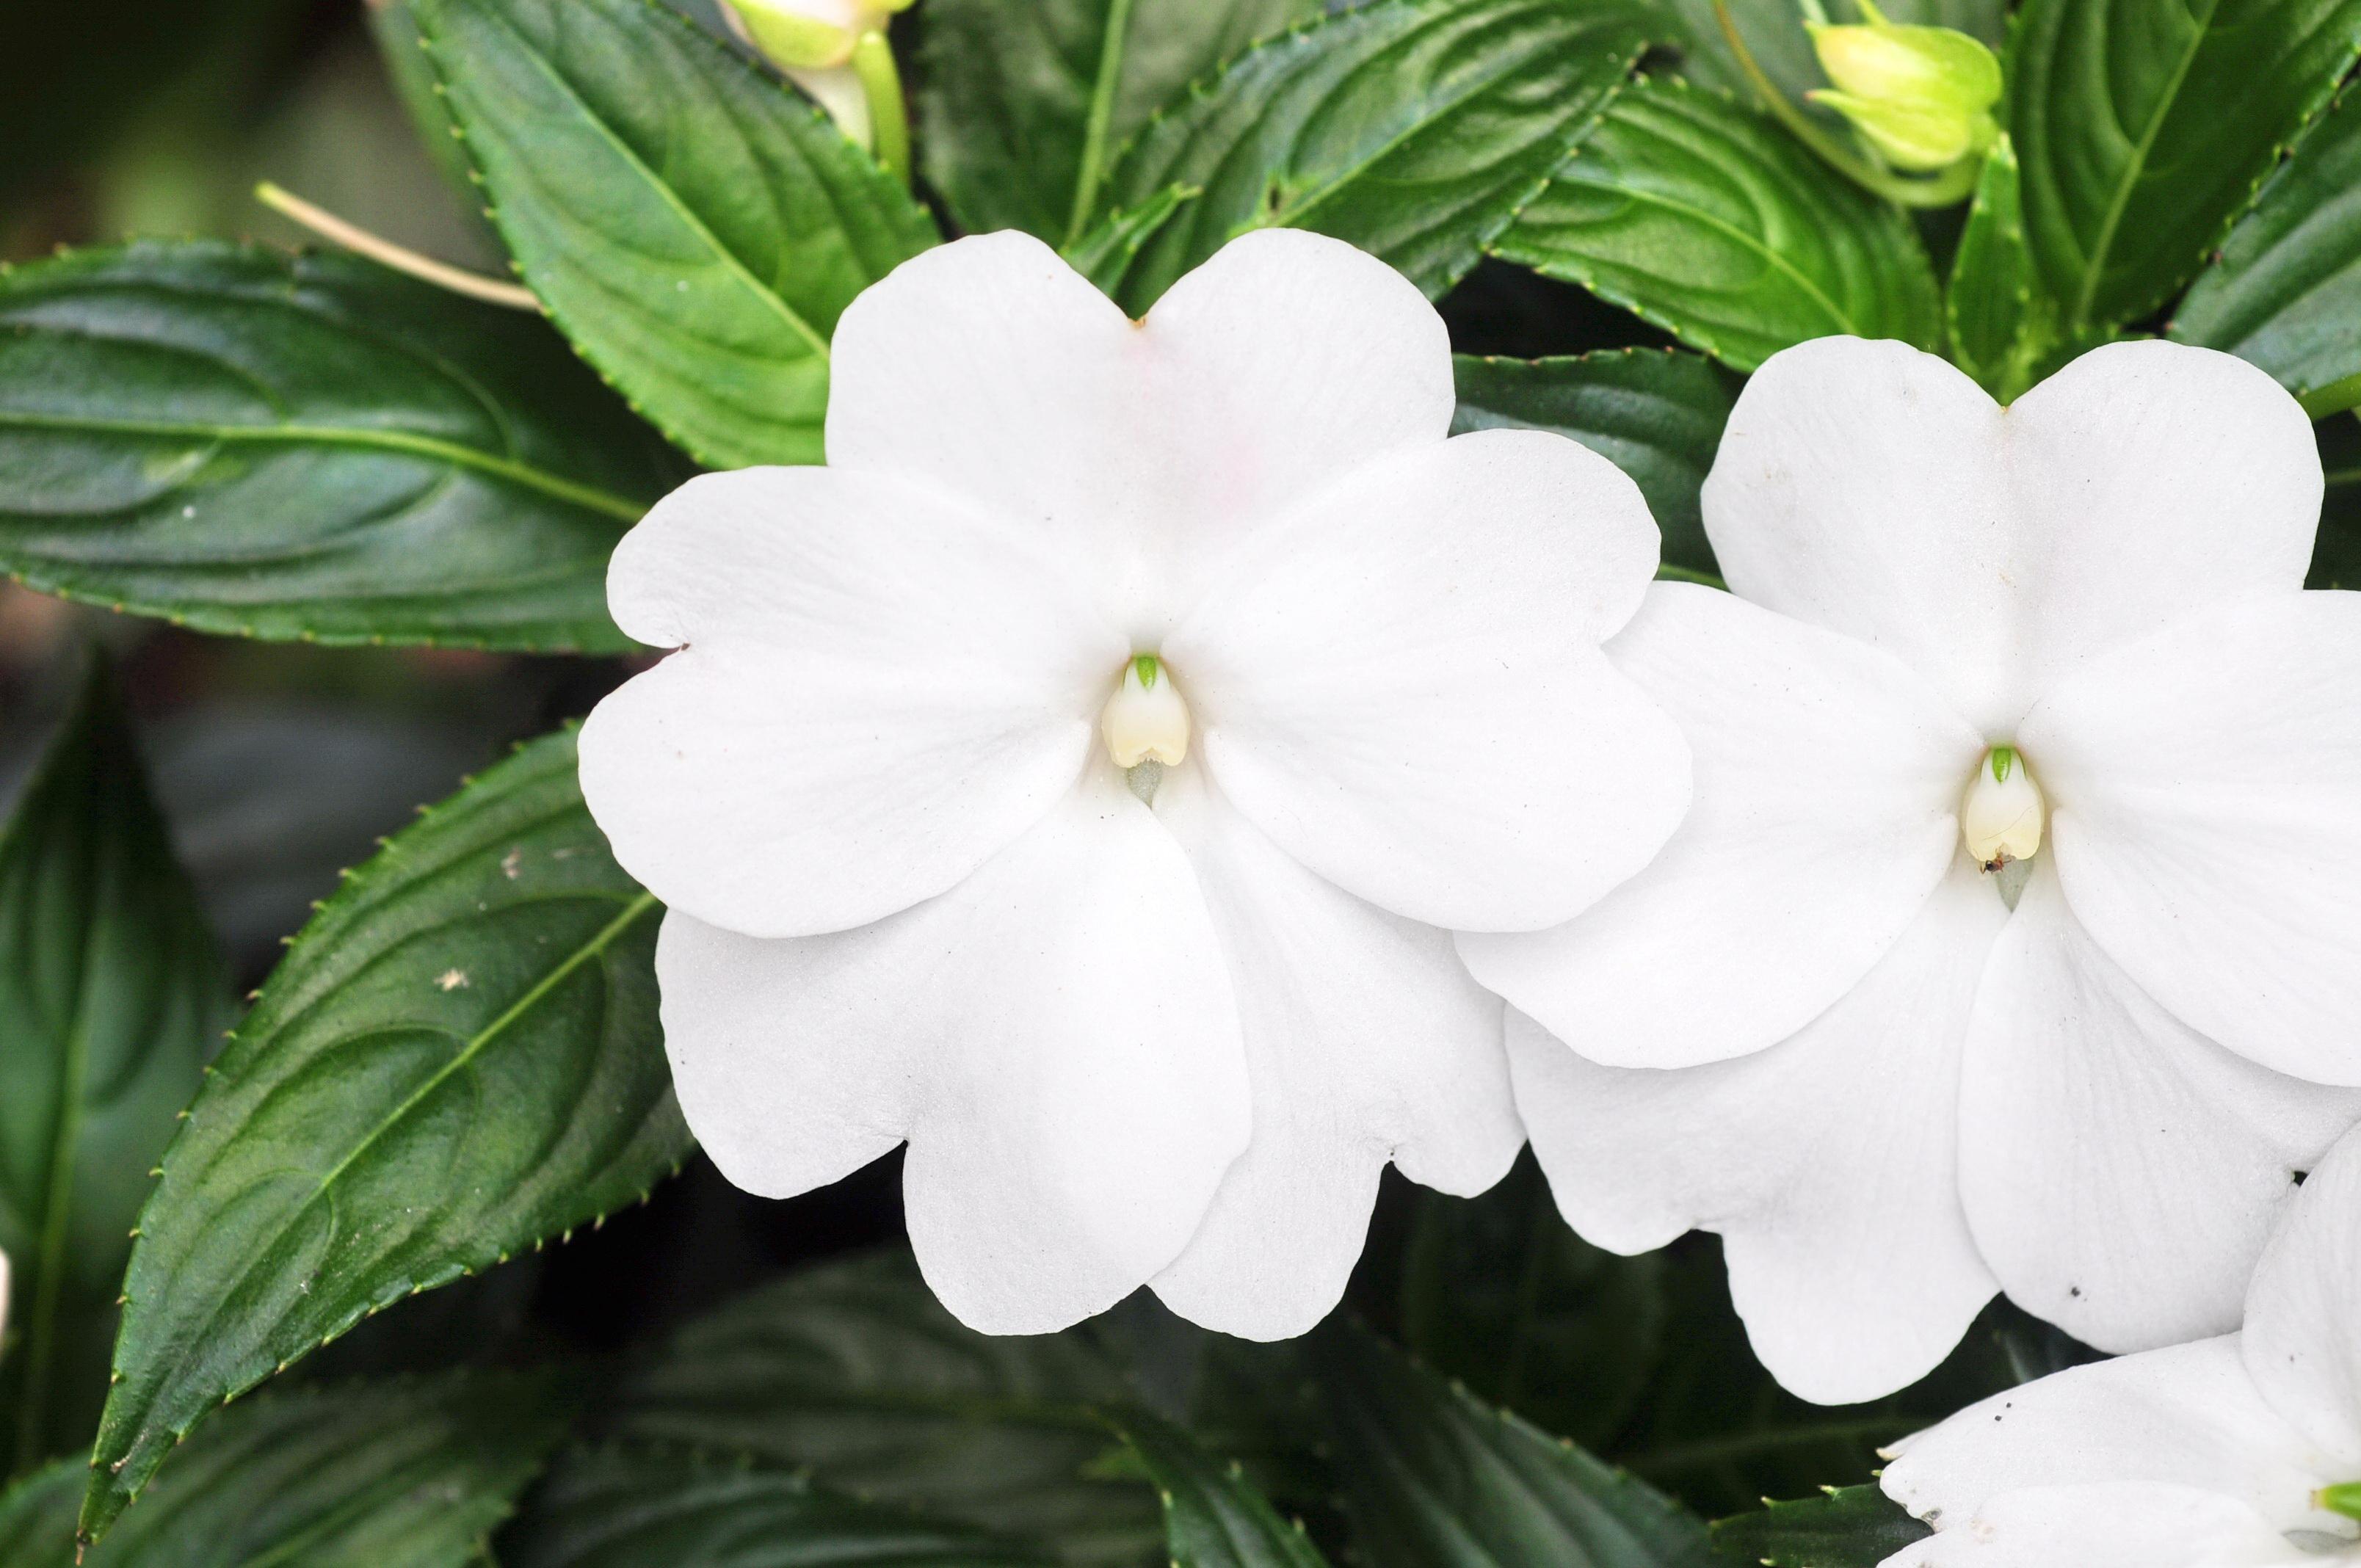 新幾內亞鳳仙花 - 照片1